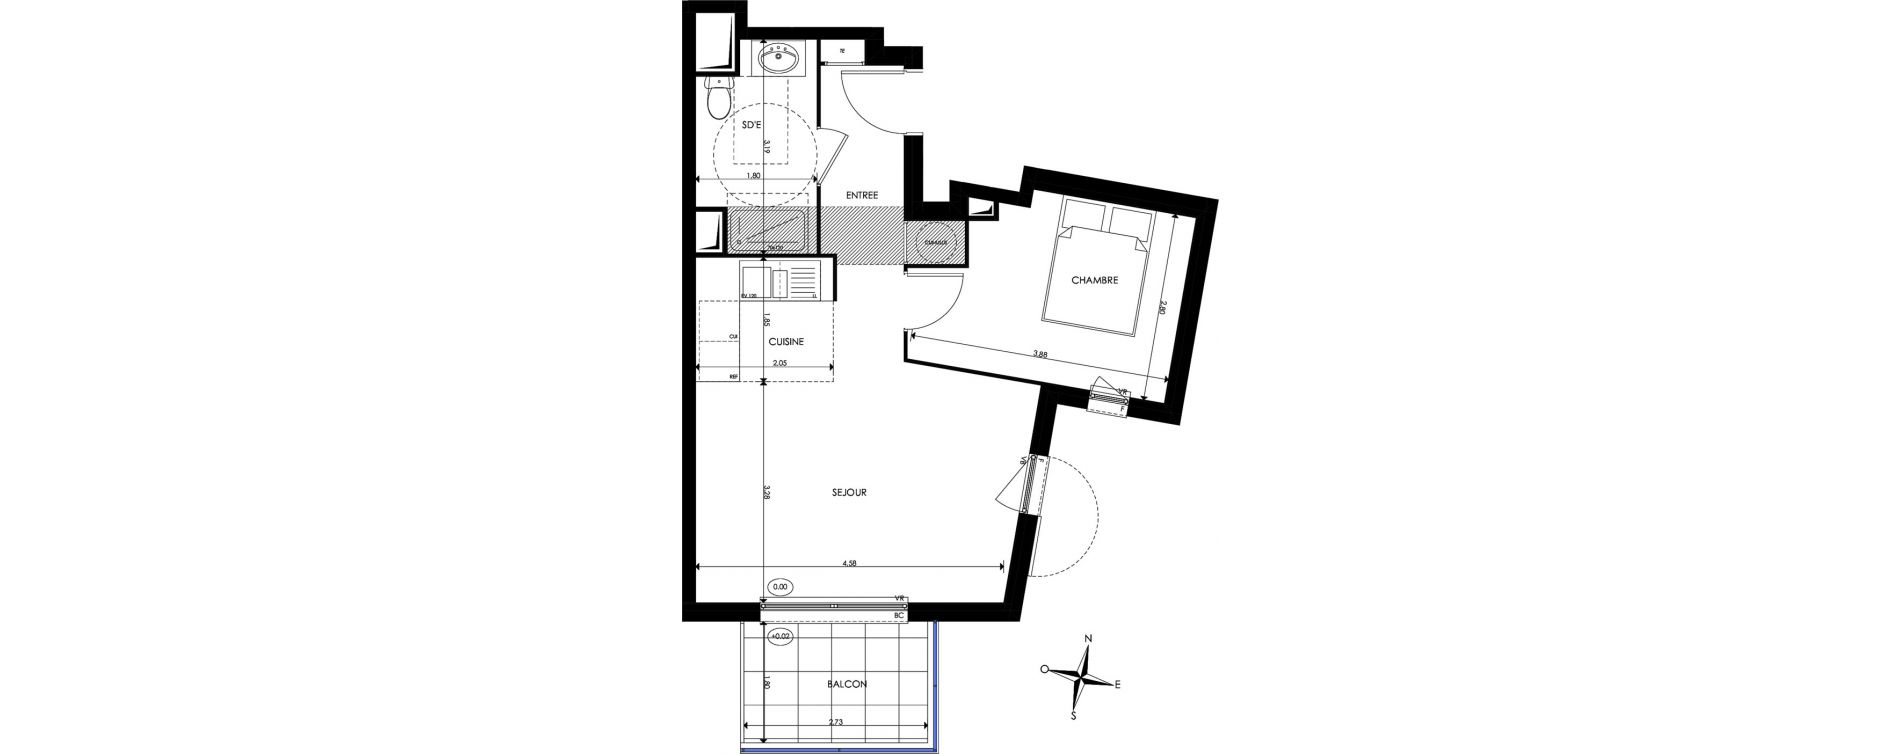 Appartement T2 de 41,60 m2 à Nice Saint sylvestre